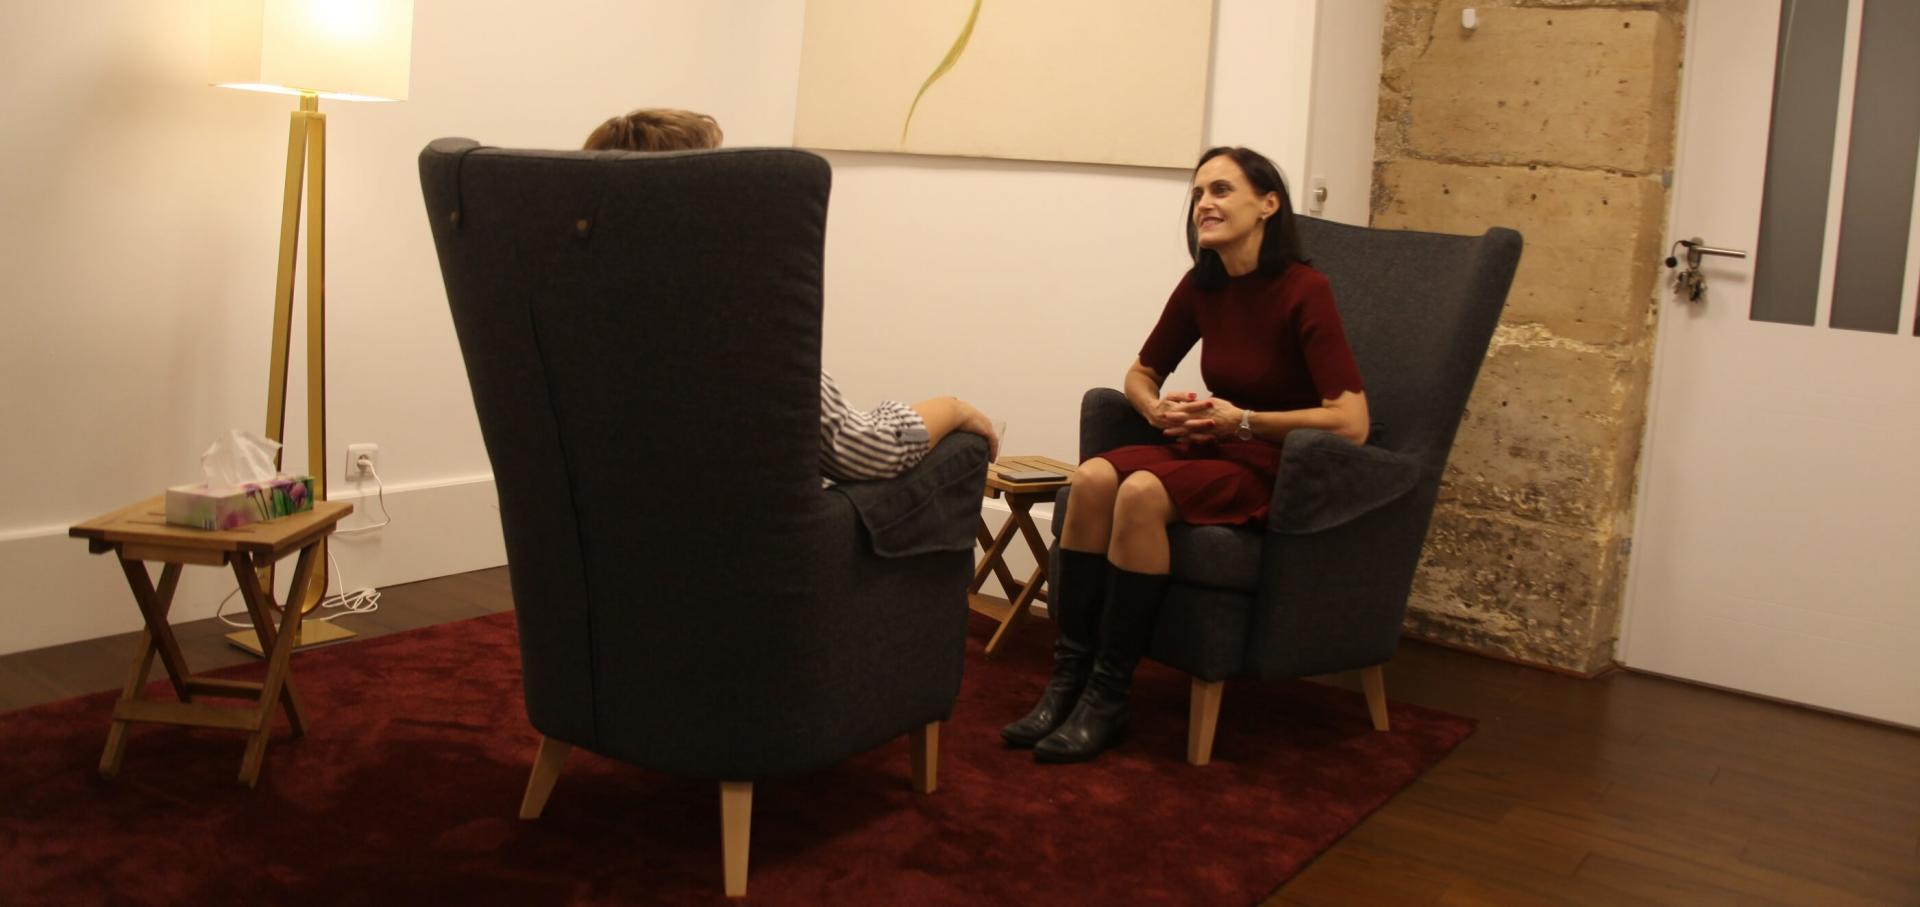 Hypnothérapeute qualifiée à Paris 3 et Chaville